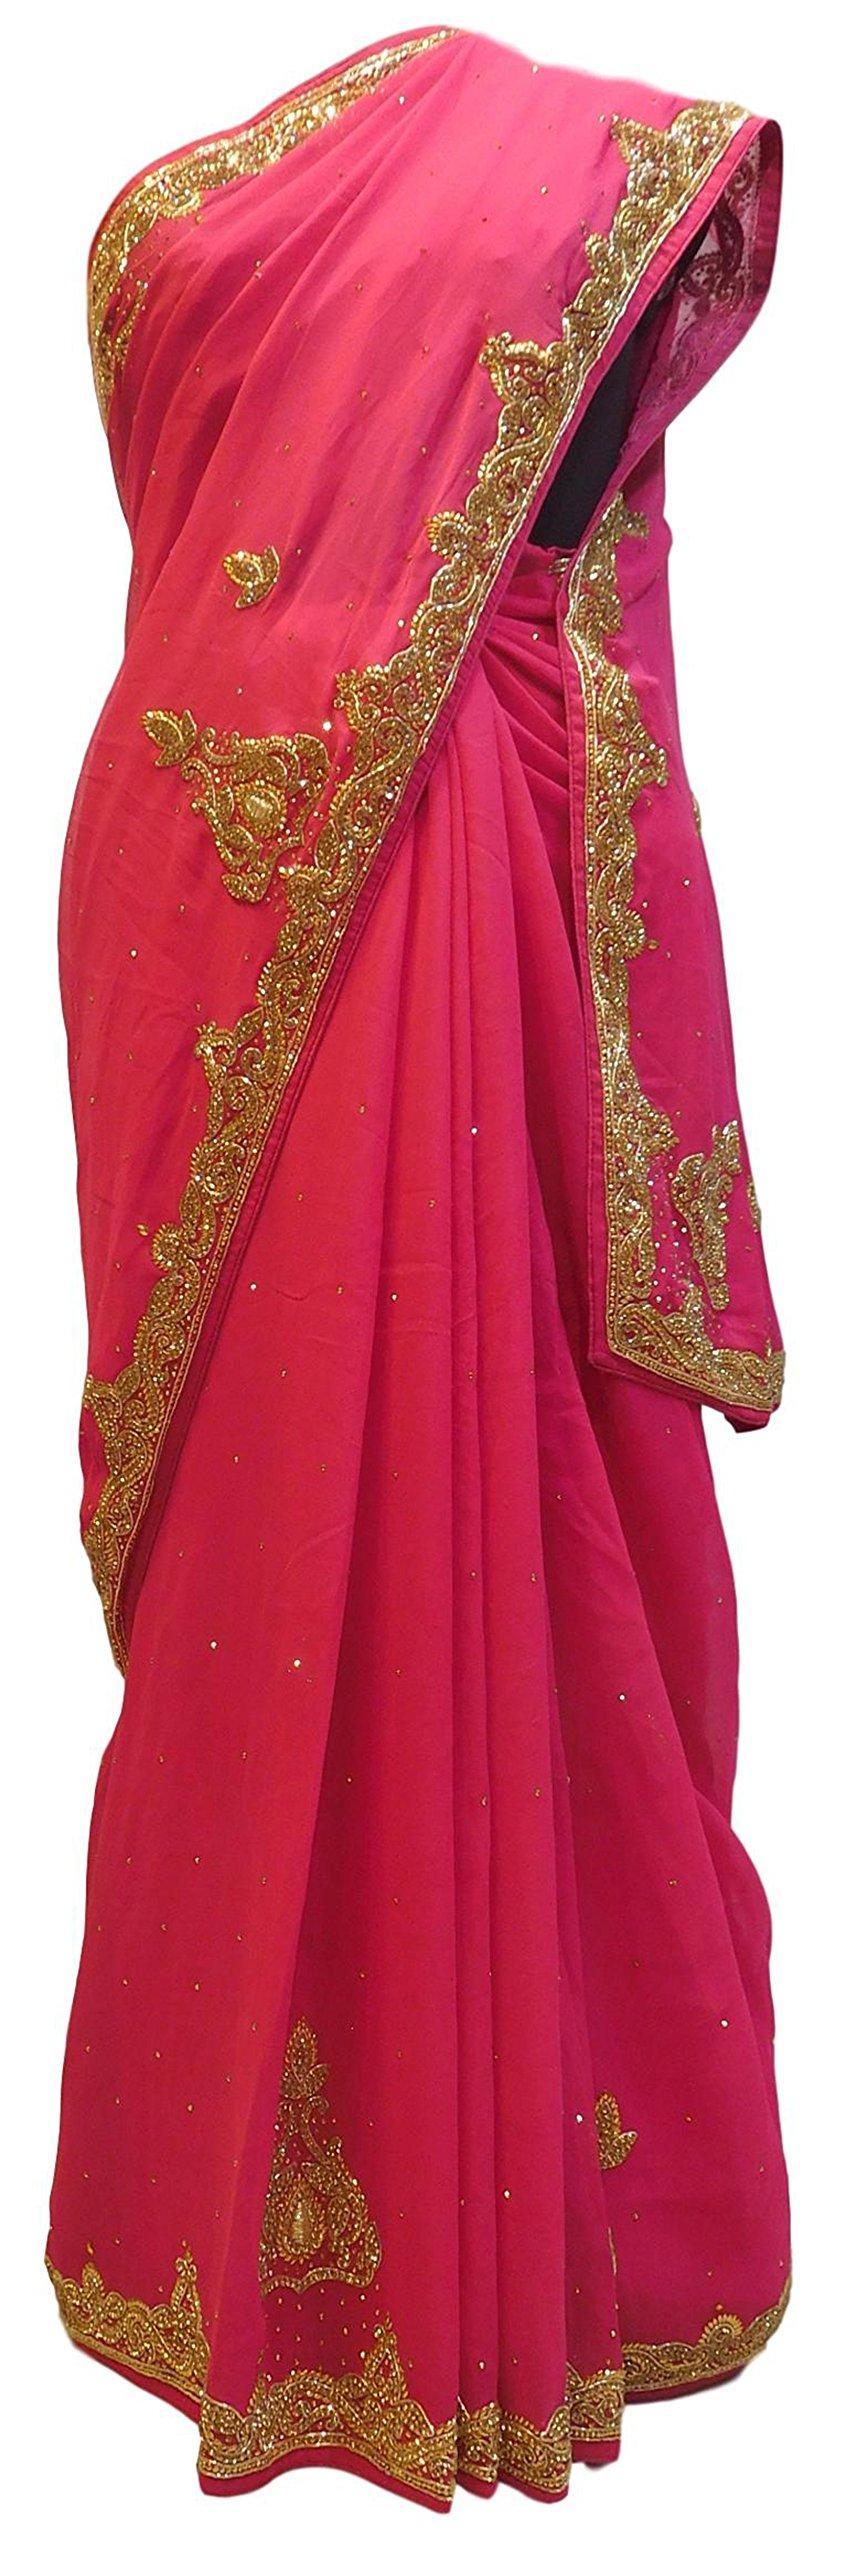 SMSAREE Pink Designer Bridal PartyWear Georgette (Viscos) Bullion Stone Work Wedding Saree Sari E034